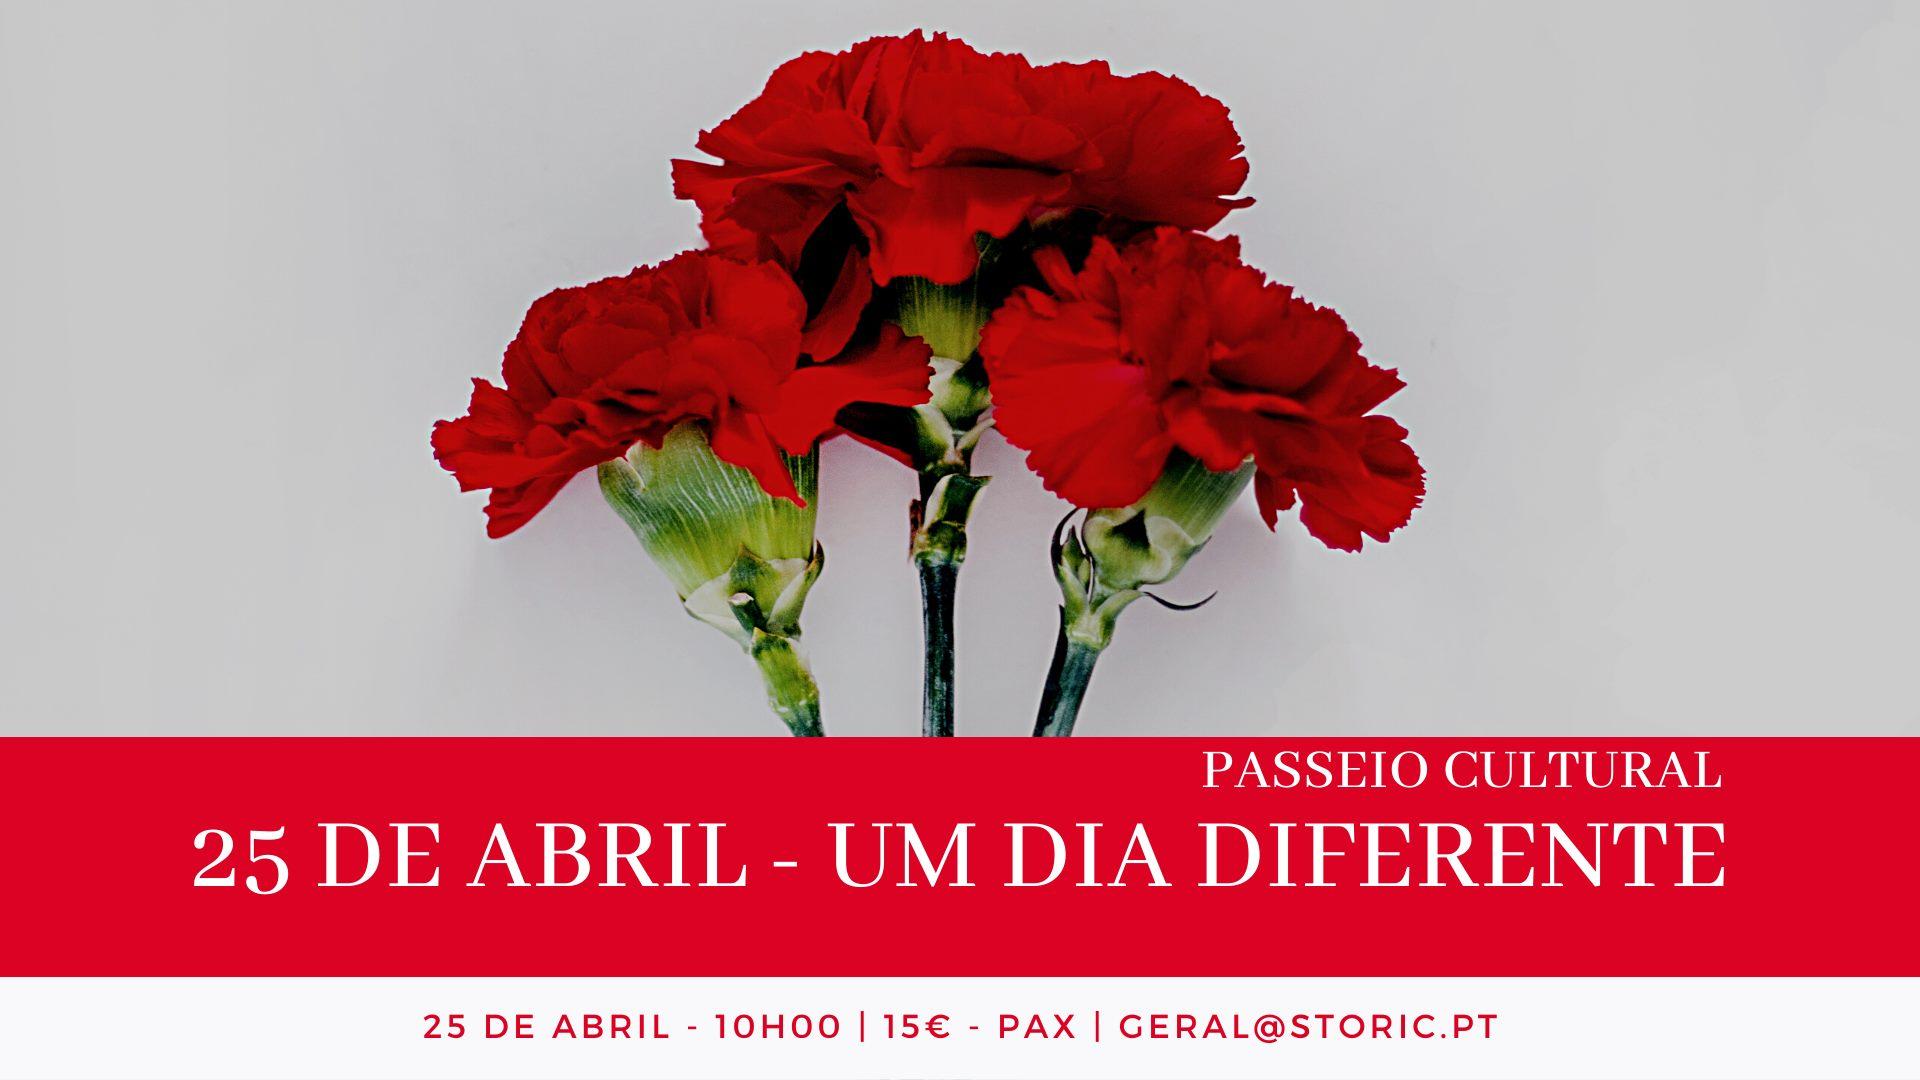 25 de Abril - Um dia diferente